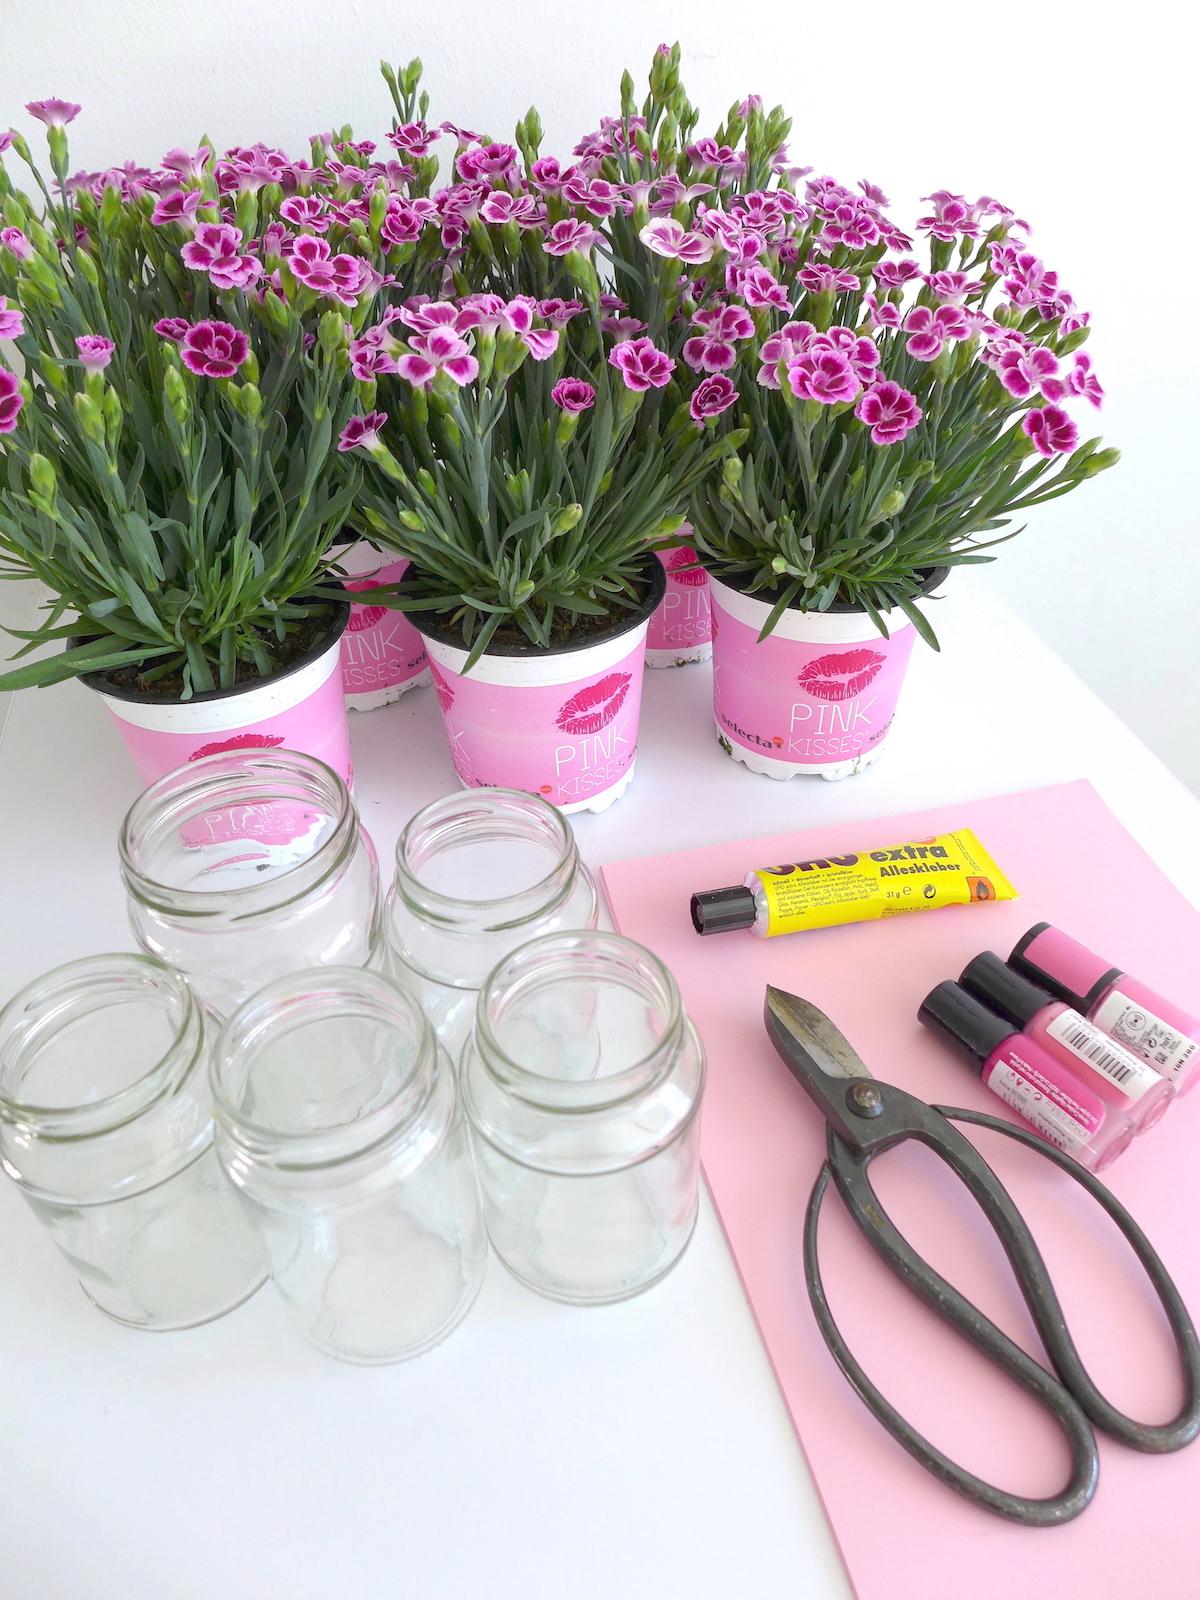 Pink Day Blumen DIY Material sophiagaleria